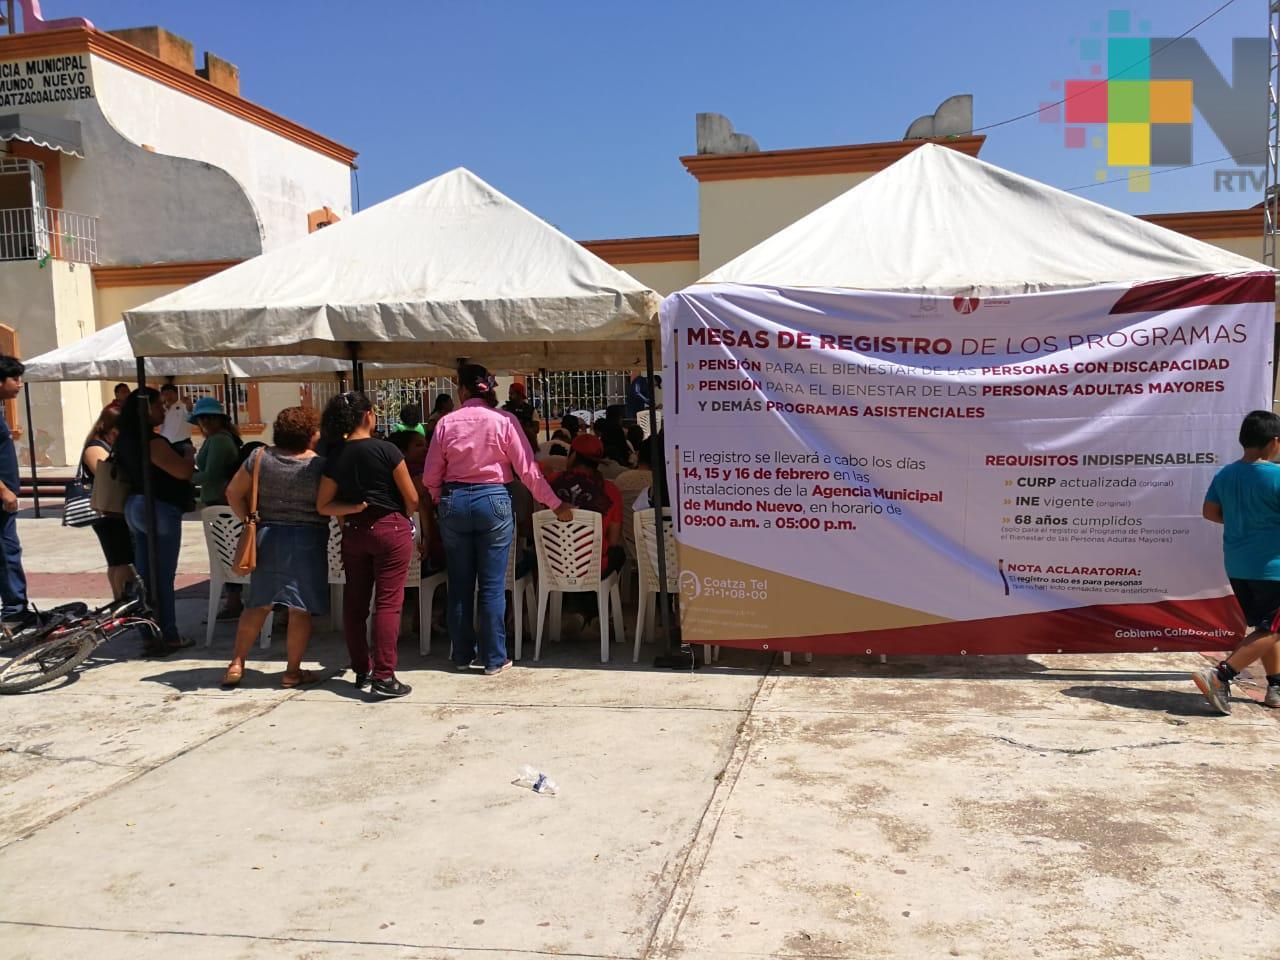 Madres solteras y amas de casa del sur de Veracruz se registran a censos de Gobierno Federal